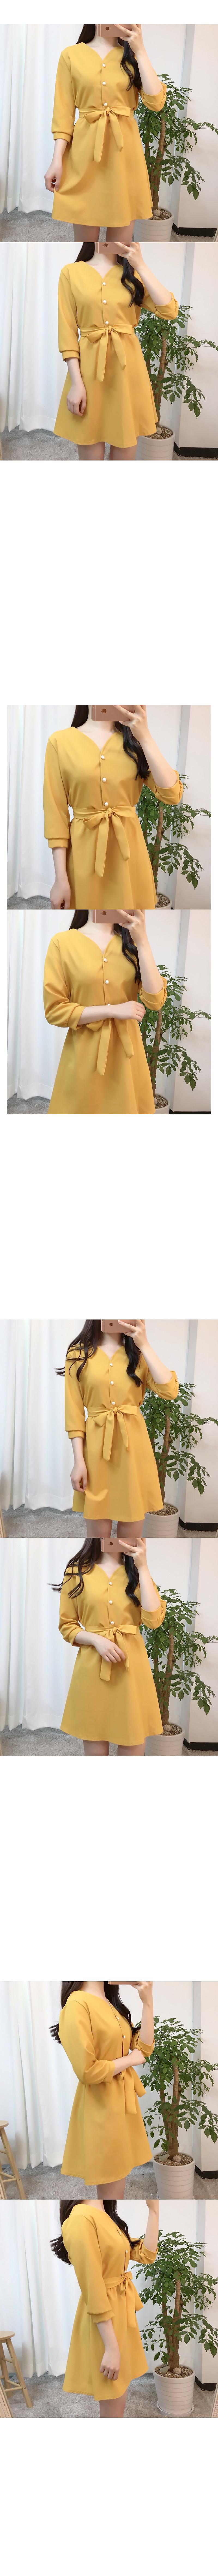 최저가♥스윗 진주 리본원피스(3color)